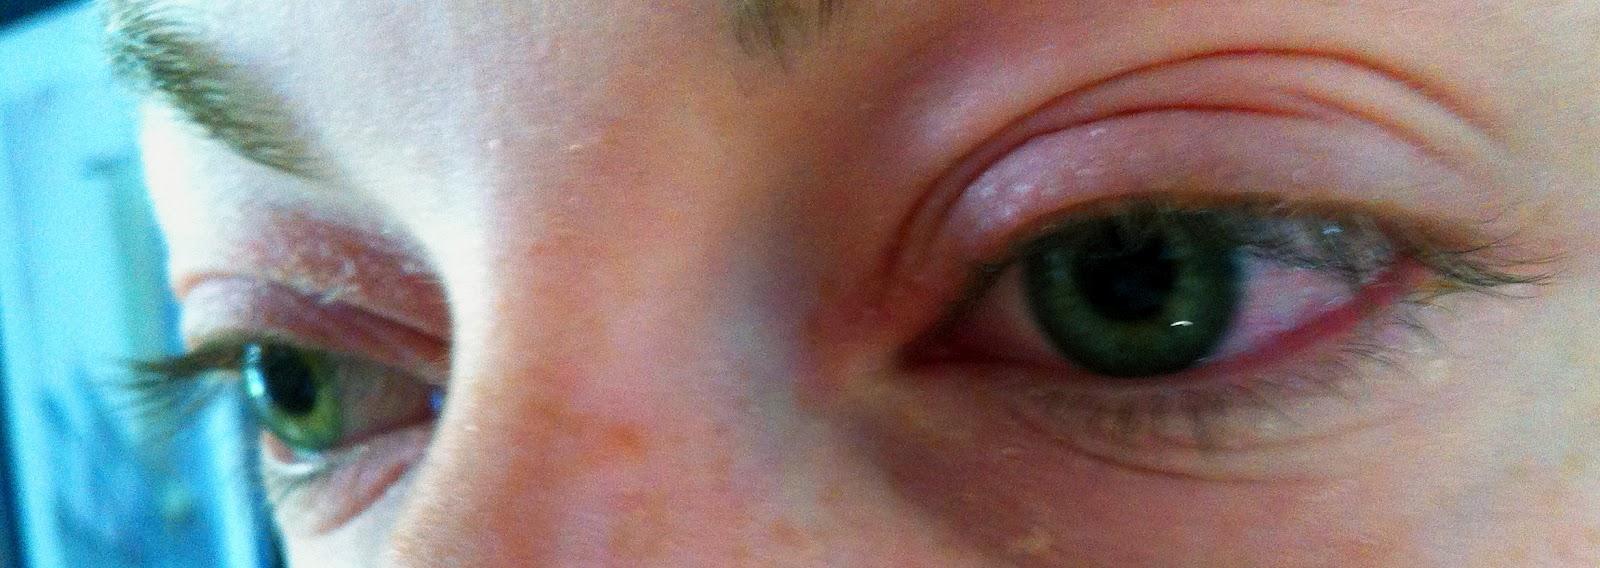 Nokkosihottuma silmäluomet